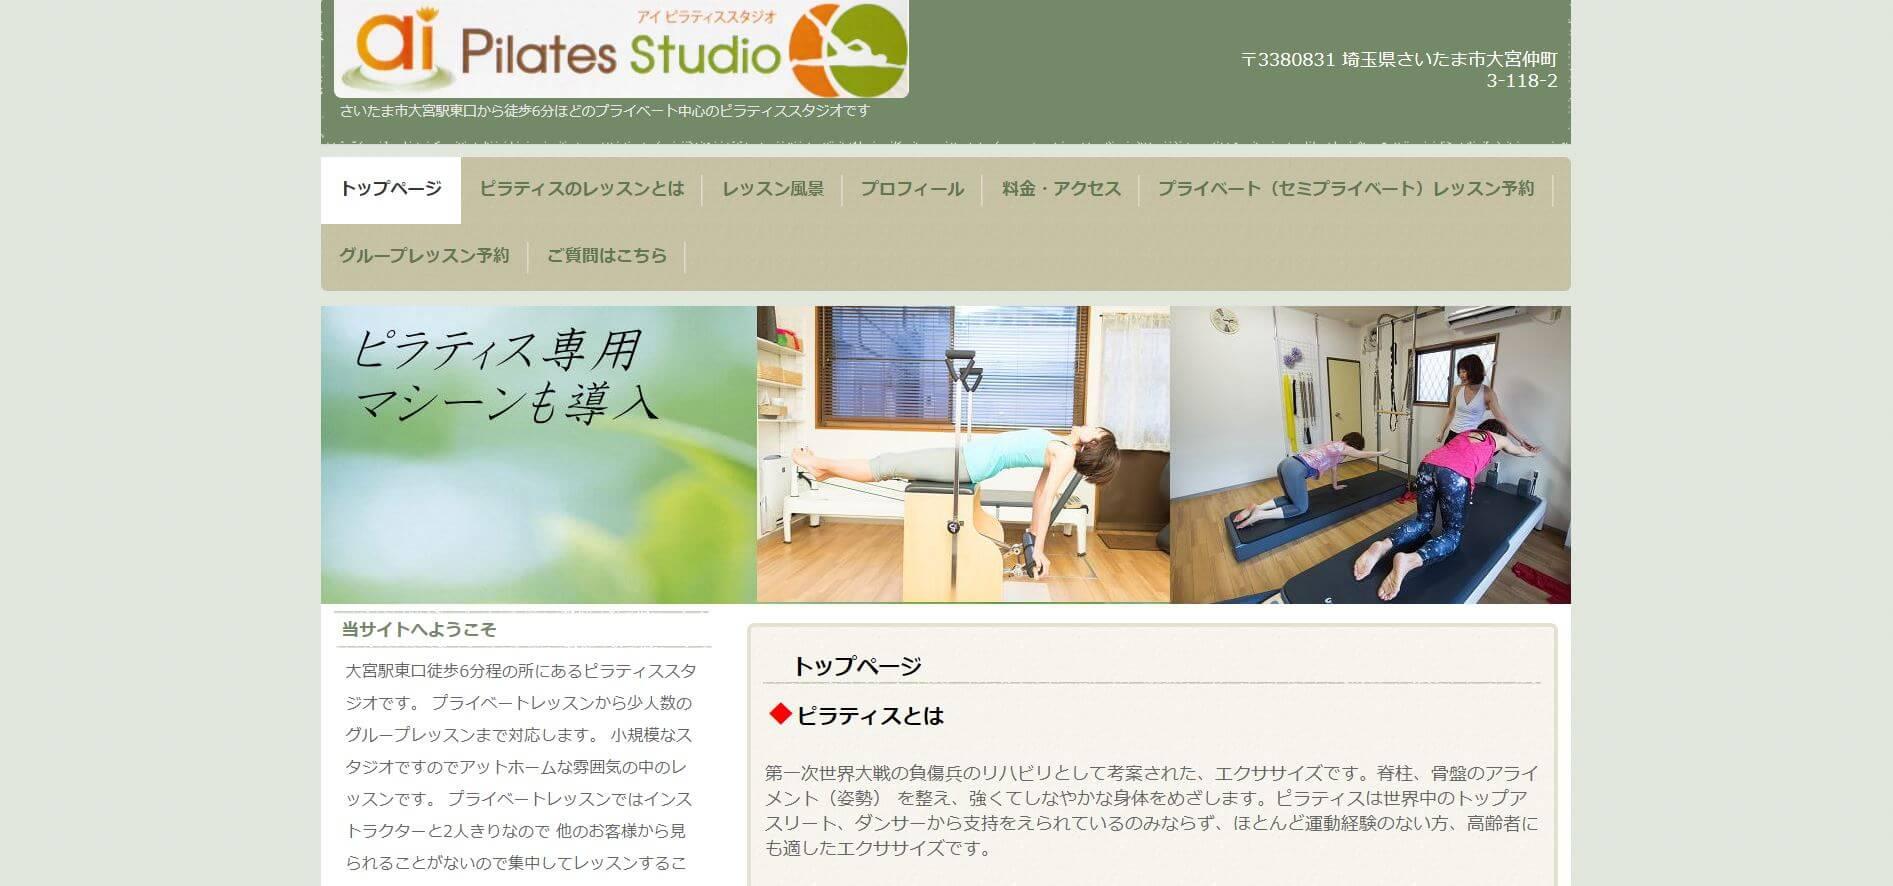 アイピラティススタジオ